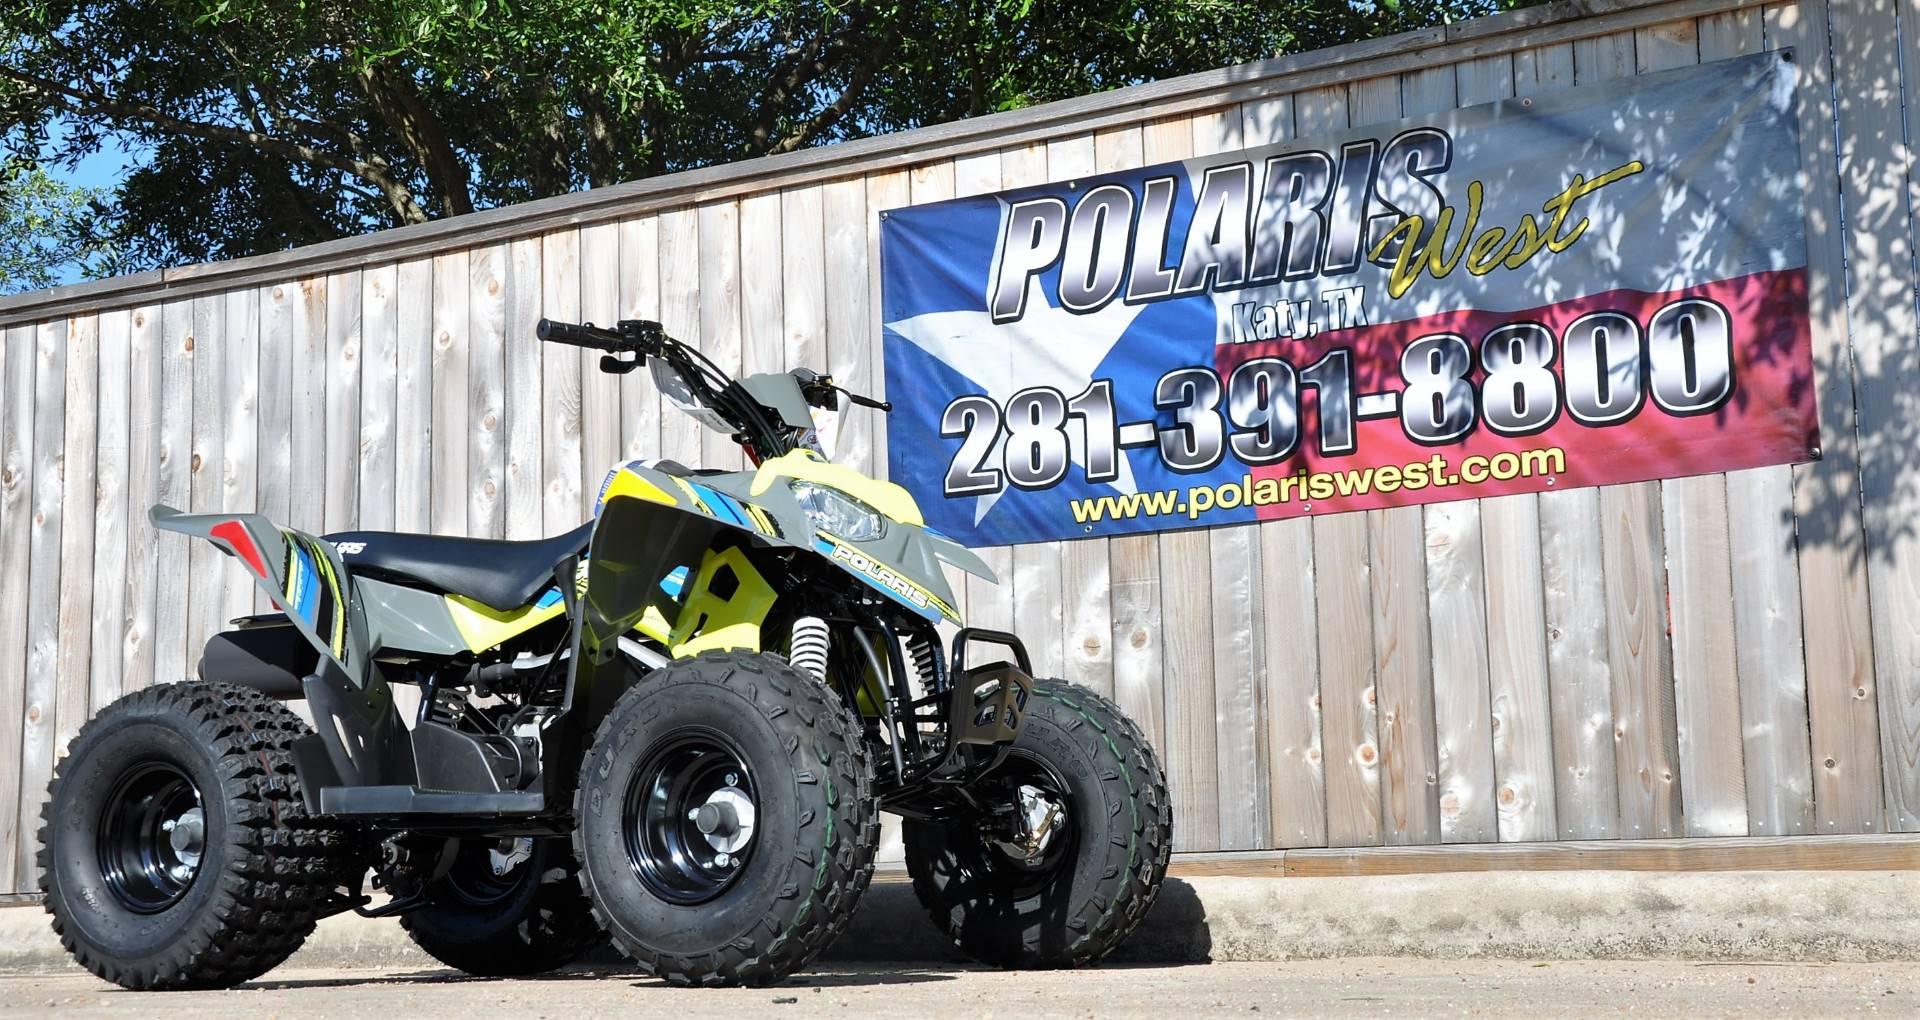 2017 Polaris Outlaw 110 2